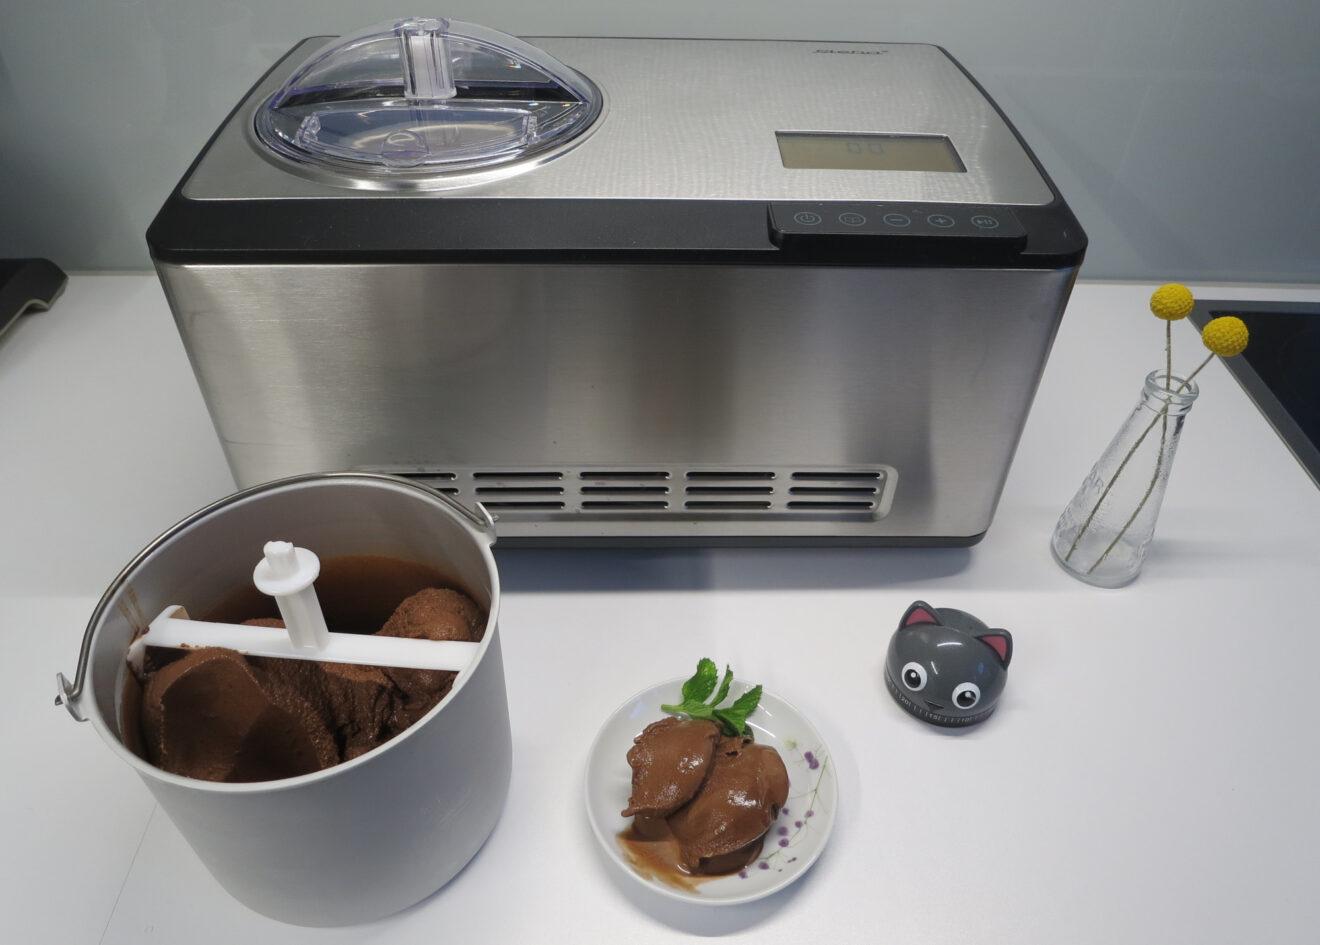 Schokoladeneis aus der Eismaschine Steba IC 180